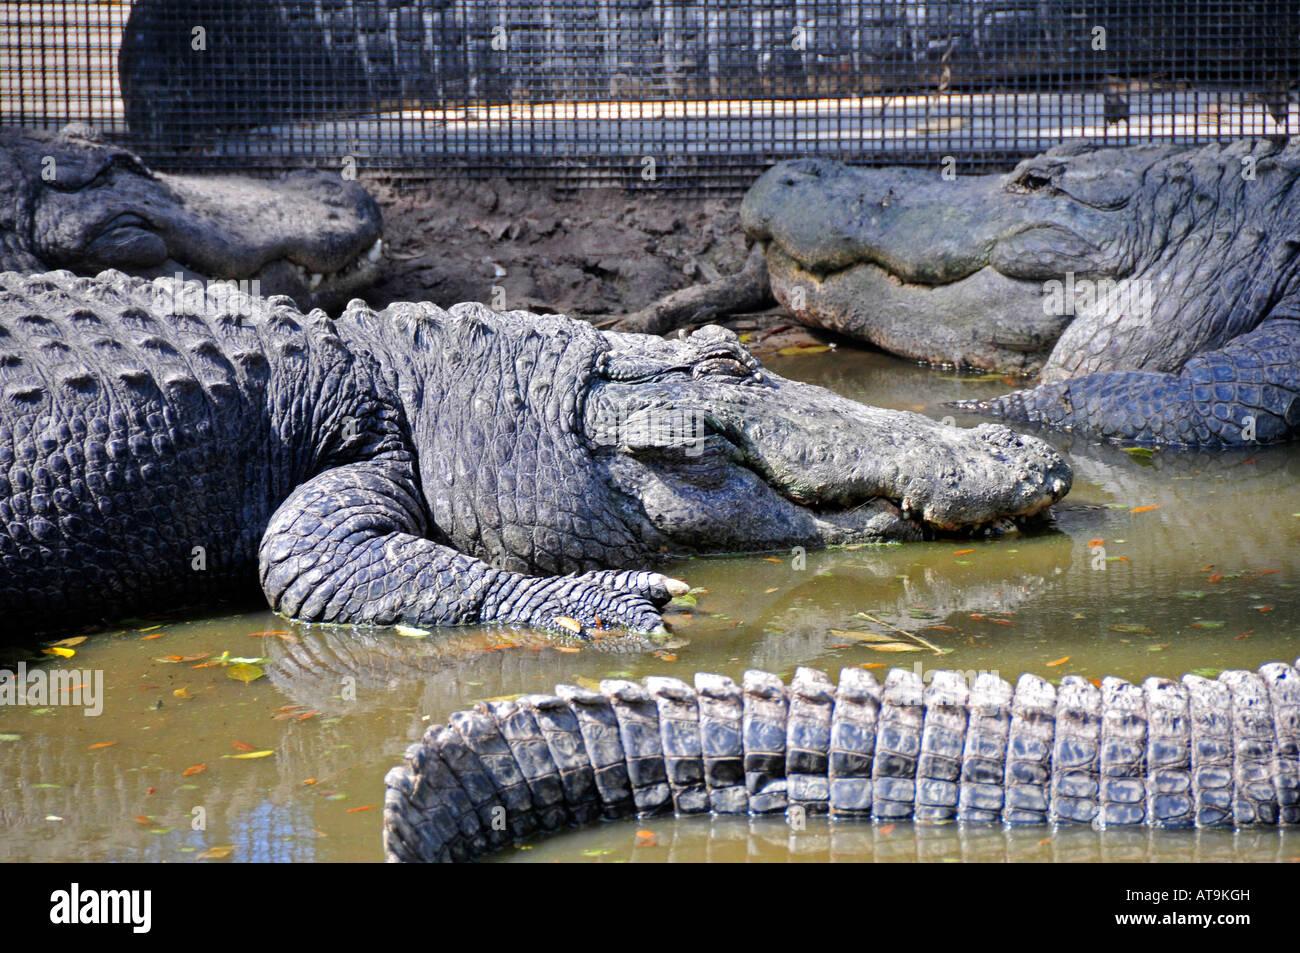 Alligator At Everglades Wonder Gardens Bonita Springs Florida